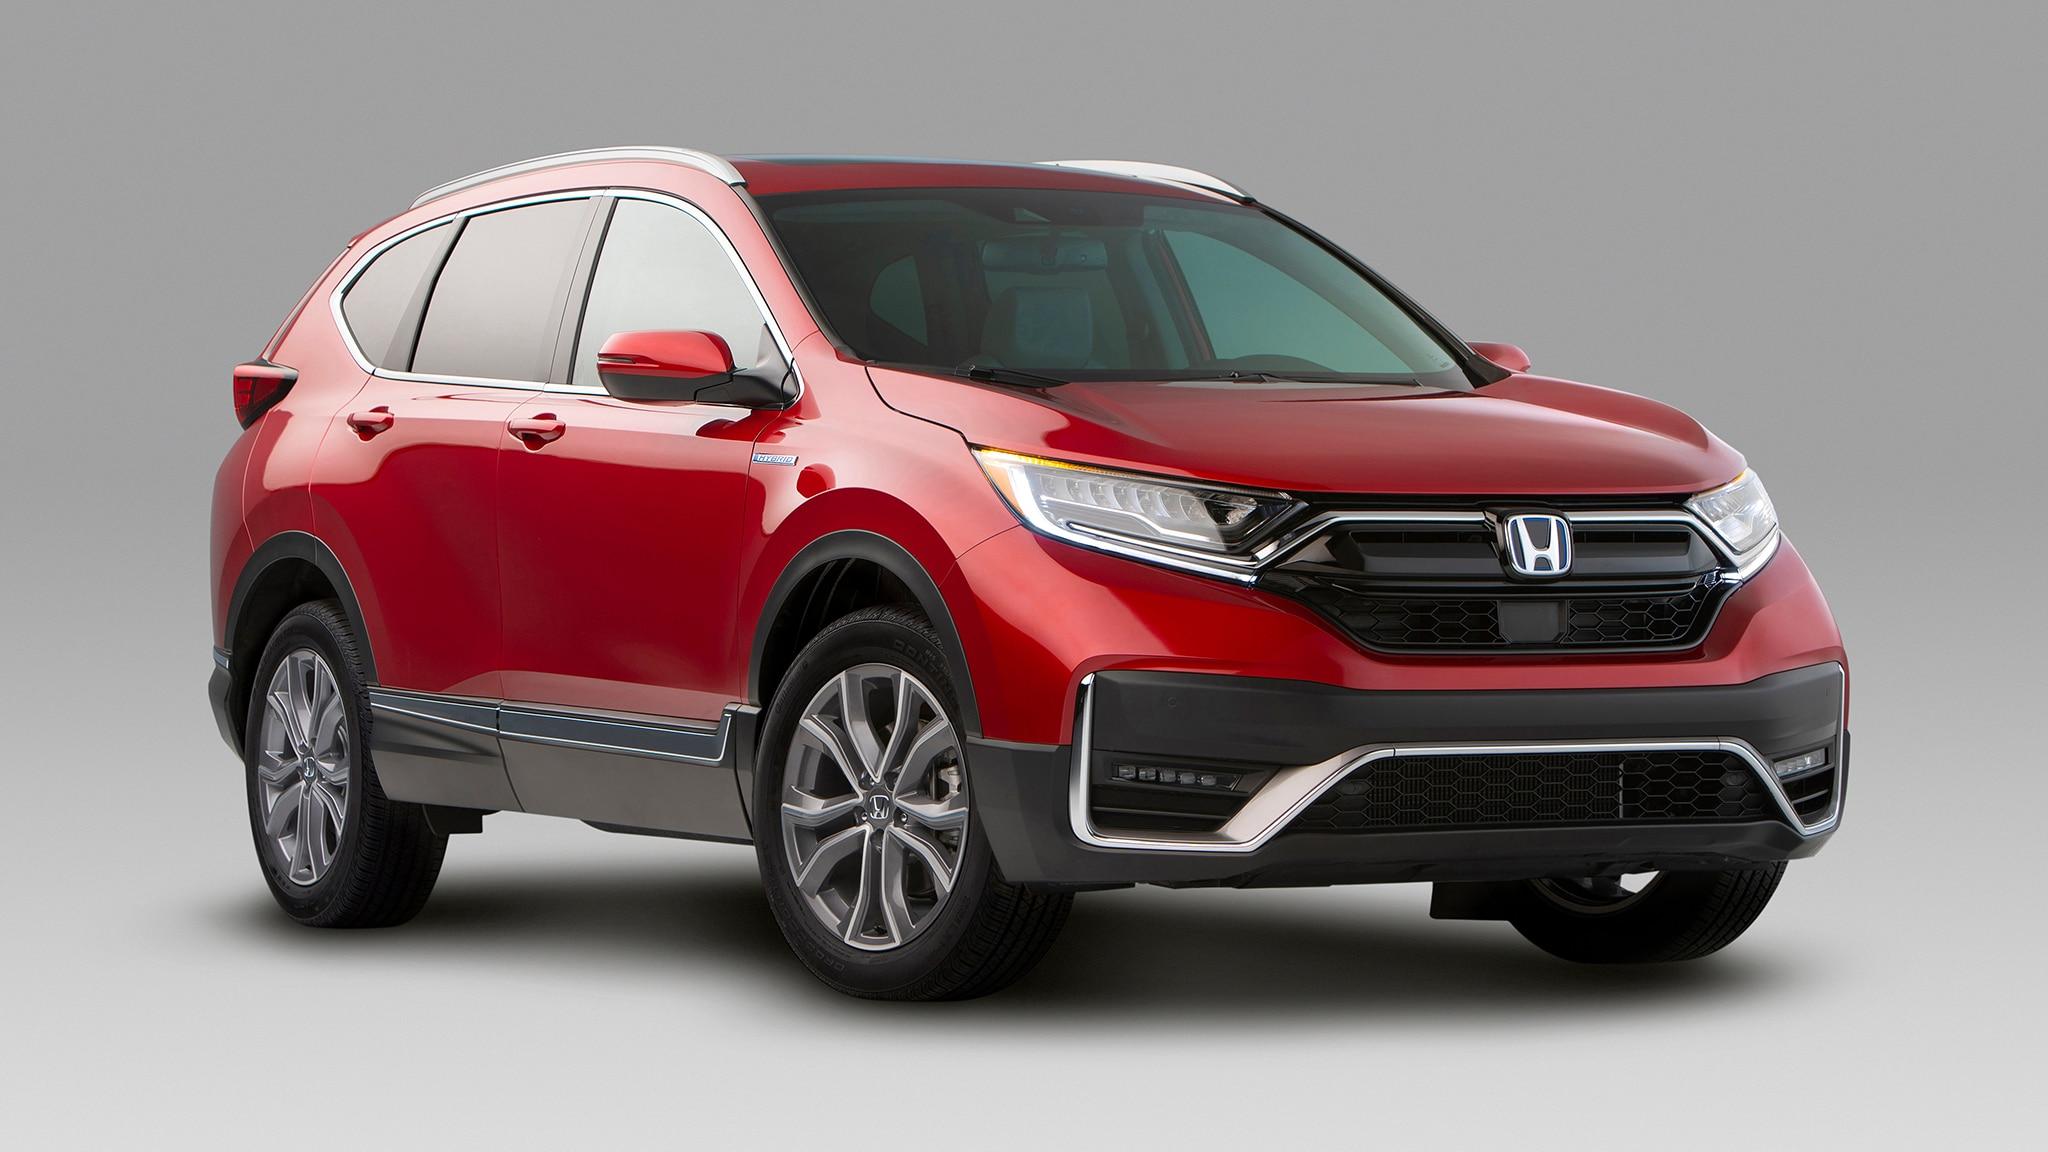 Kelebihan Kekurangan Honda Cr 50 Perbandingan Harga